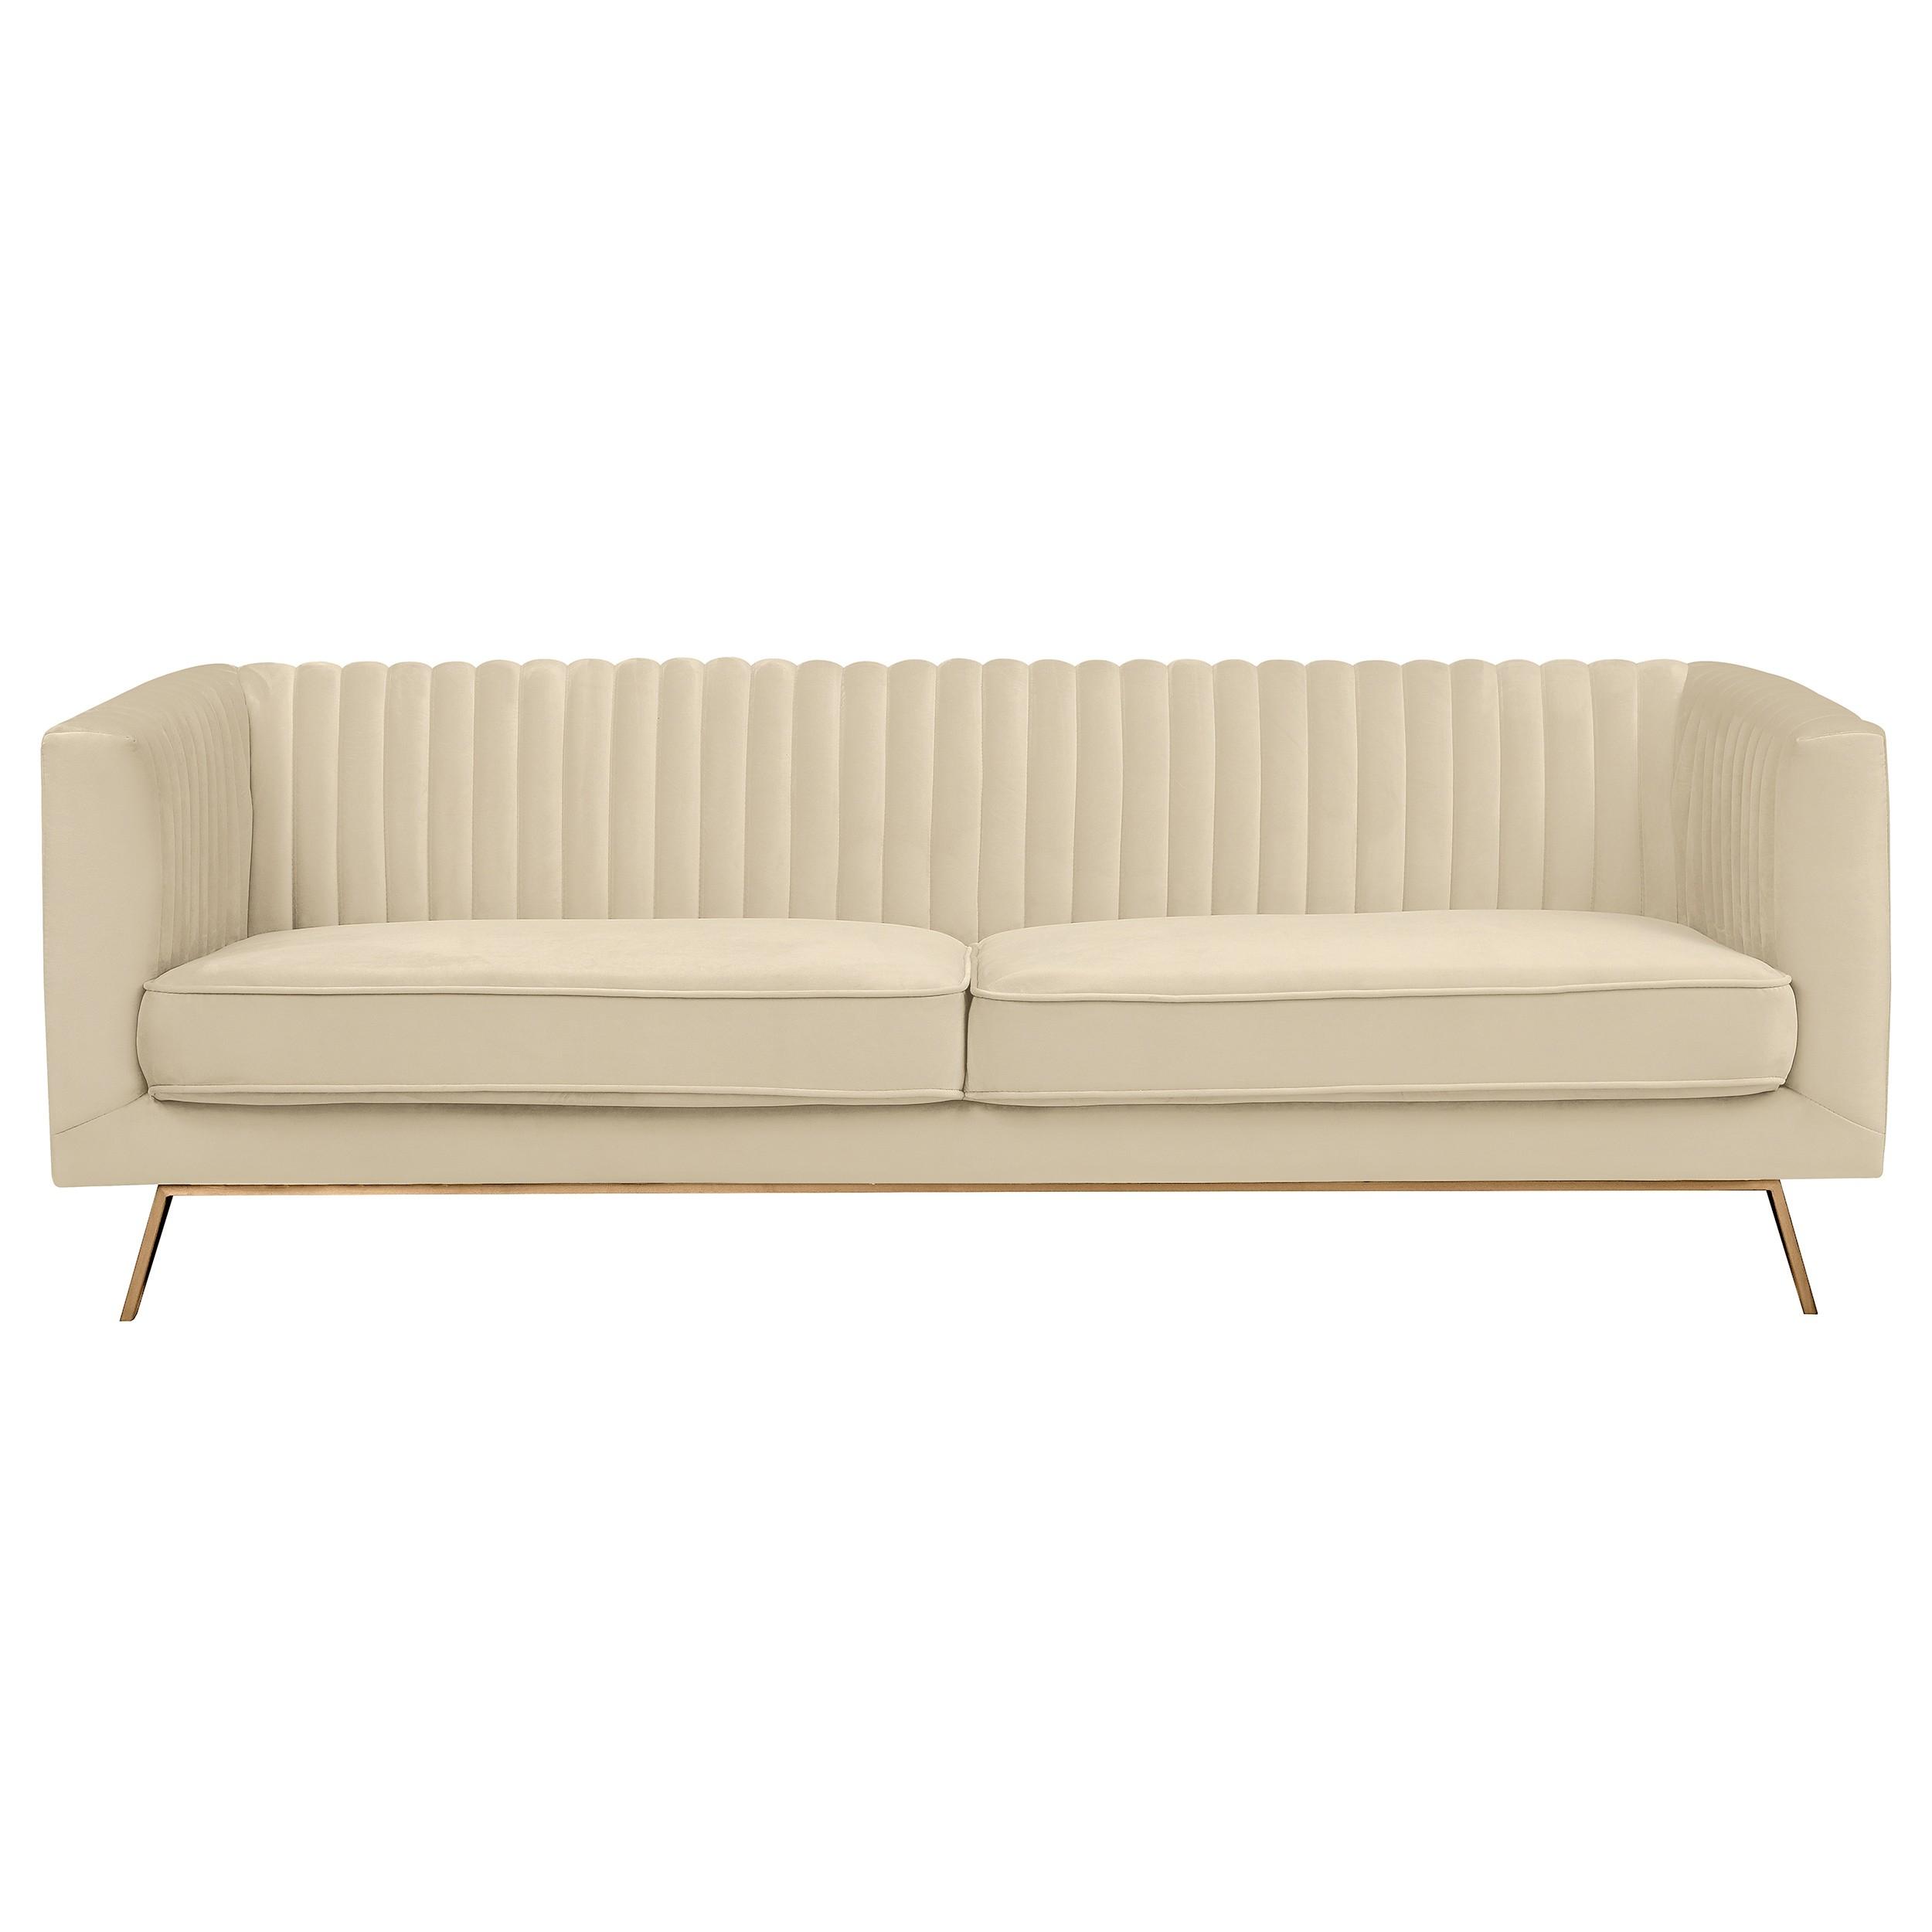 Canapé Gatsby 3 places en velours beige